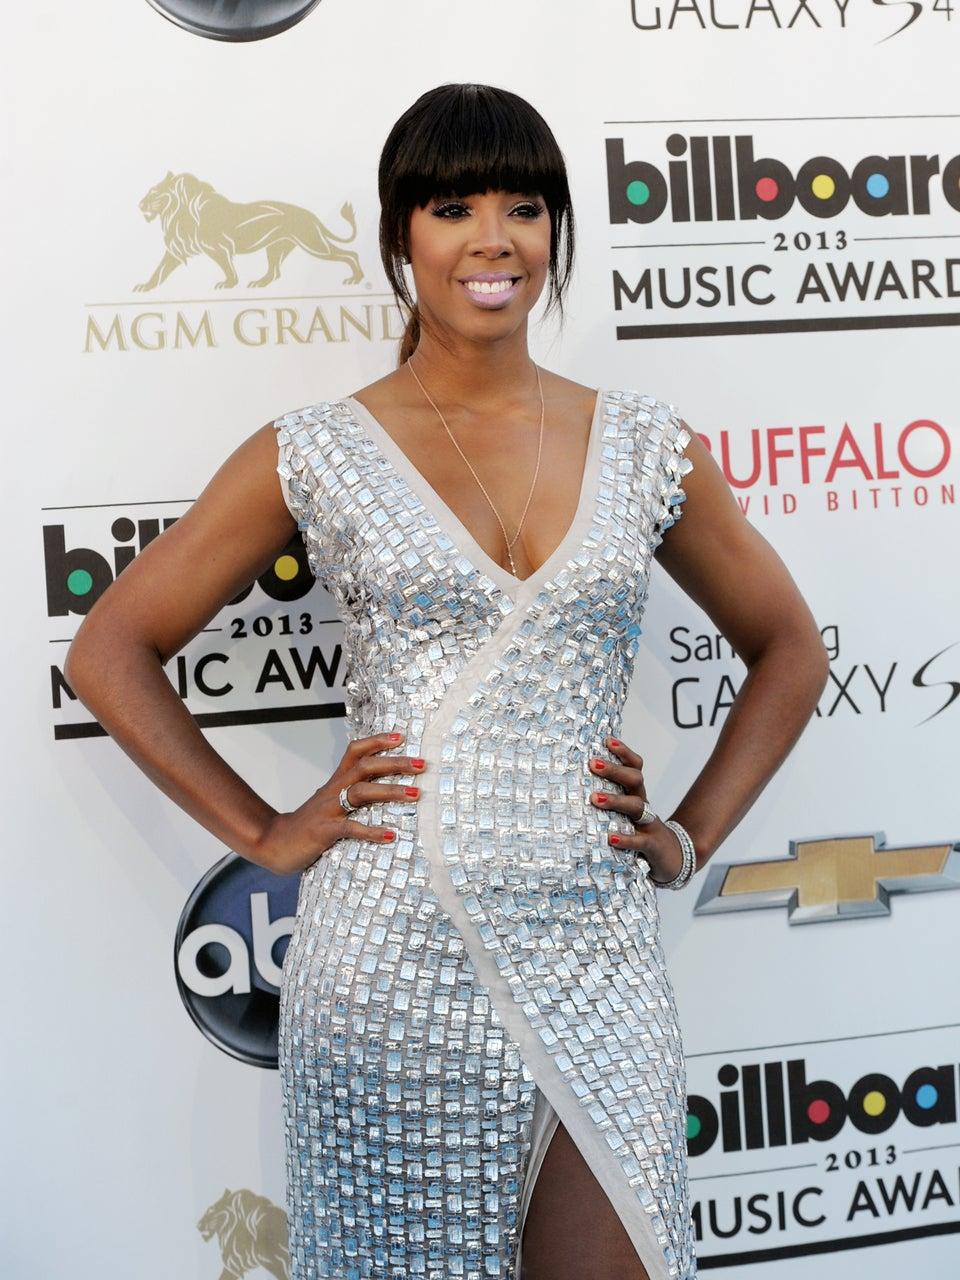 Kelly Rowland Denies Beyoncé Feud Rumors